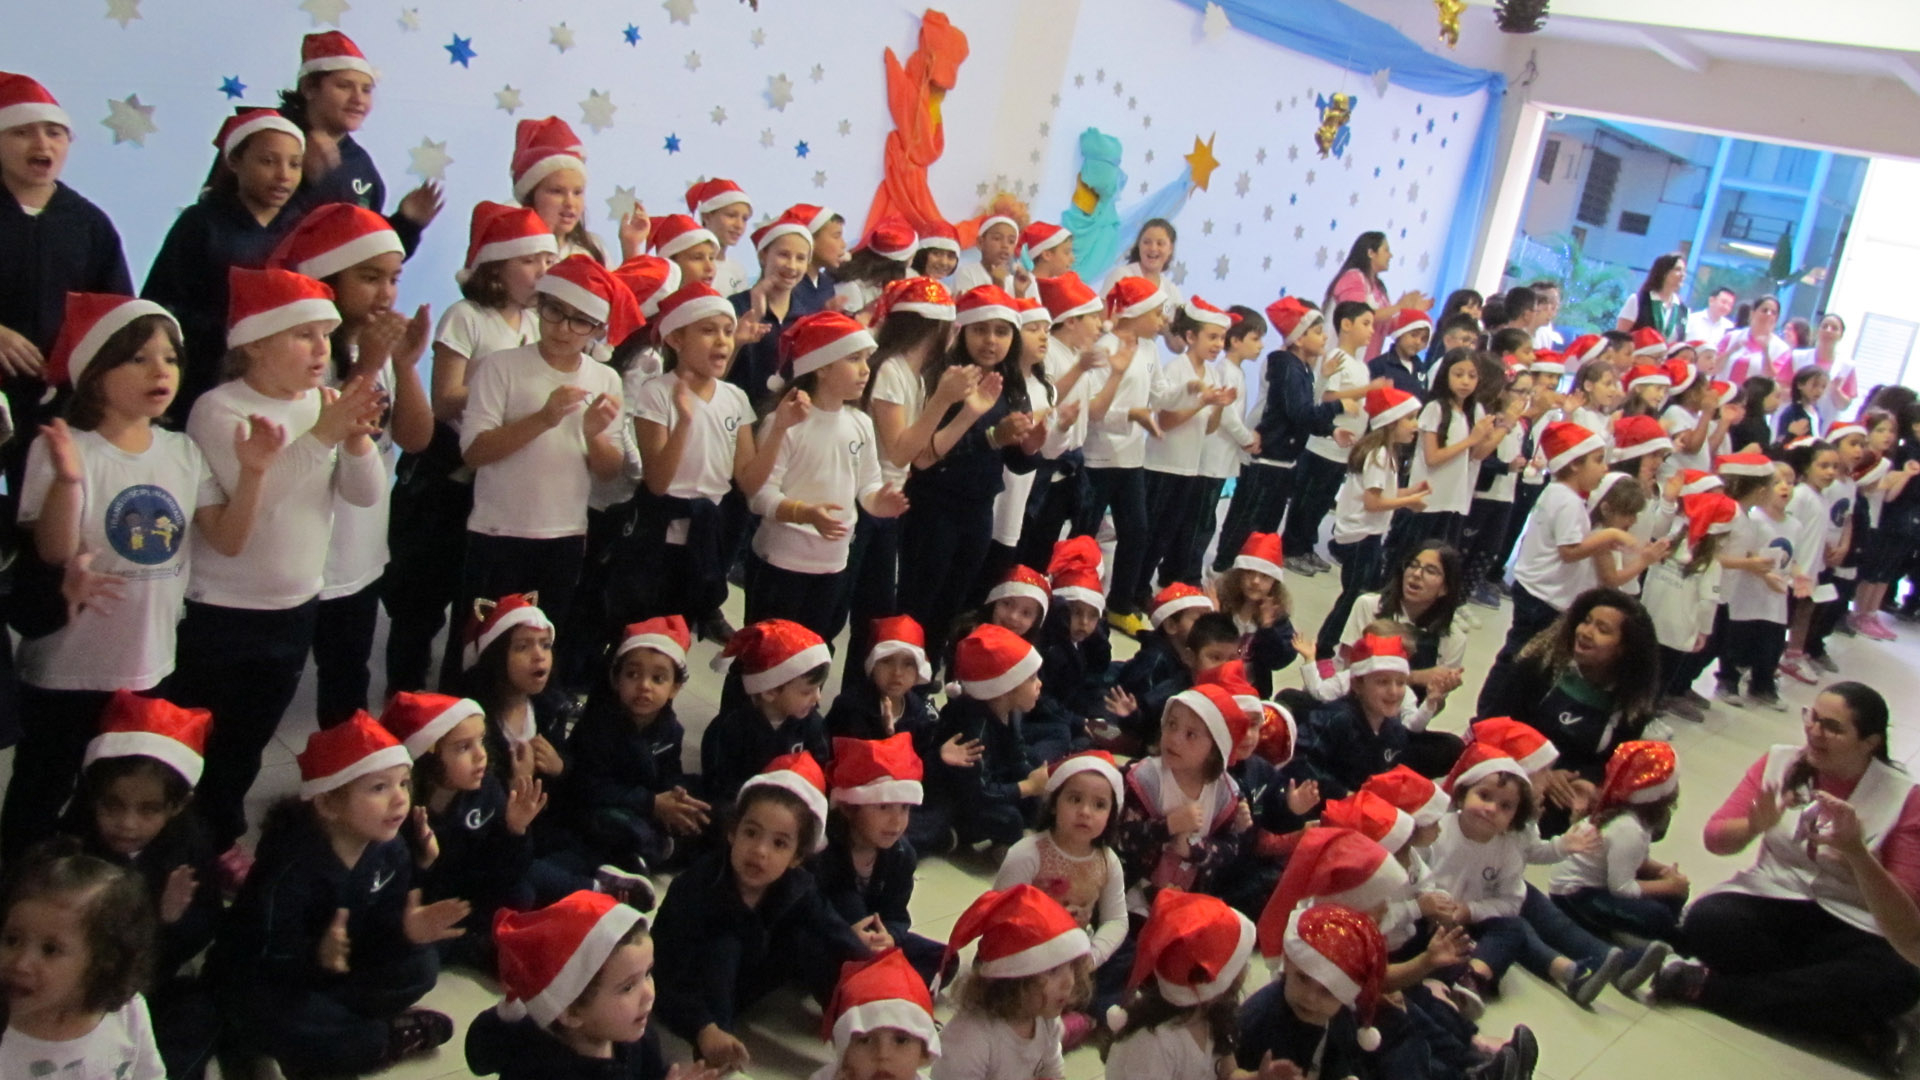 [Cantata de Natal - 03/12]